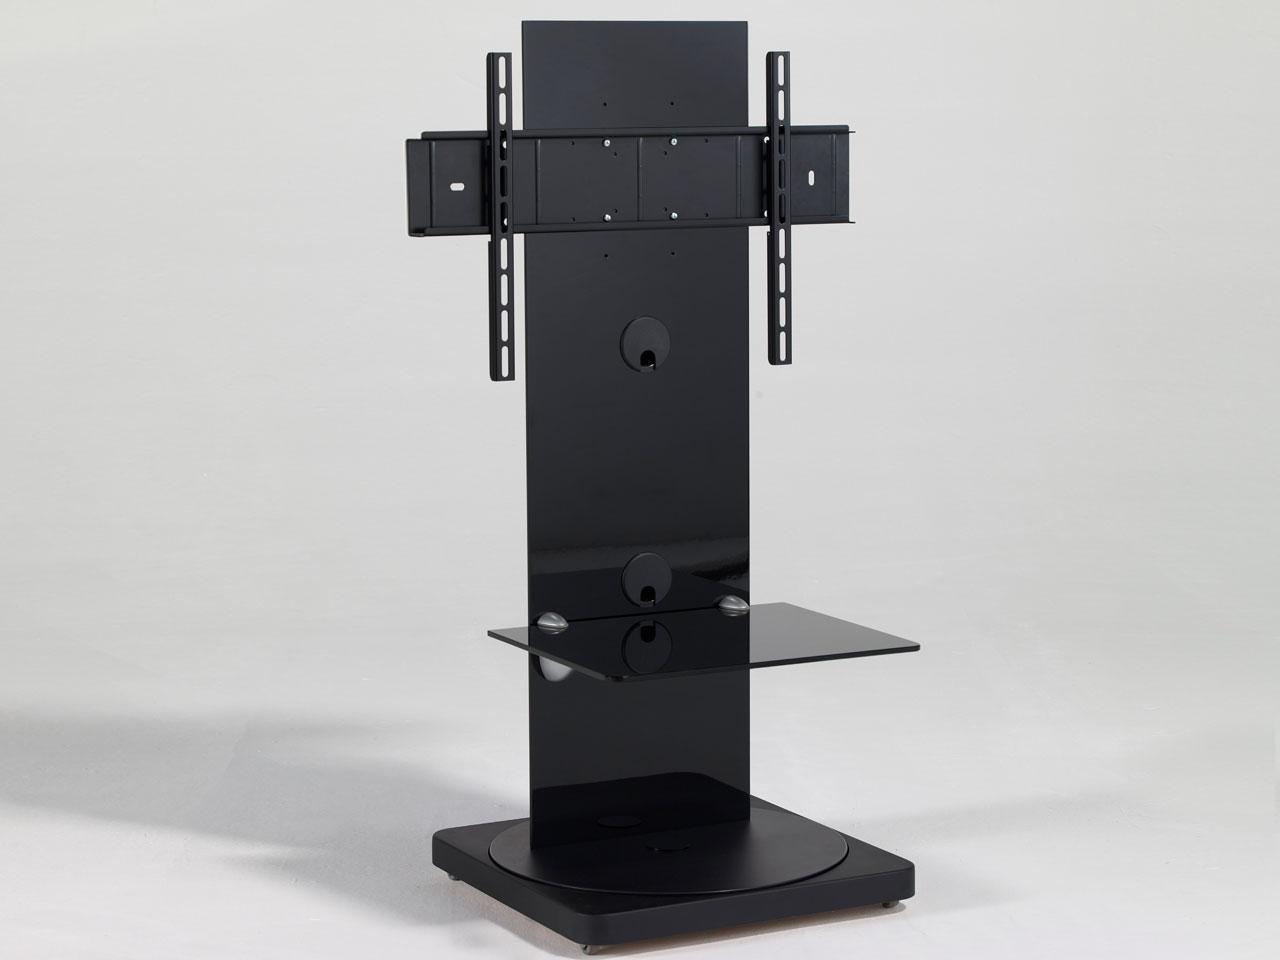 schwarzer drehbarer design tv st nder cmb 101 23 65 zoll. Black Bedroom Furniture Sets. Home Design Ideas